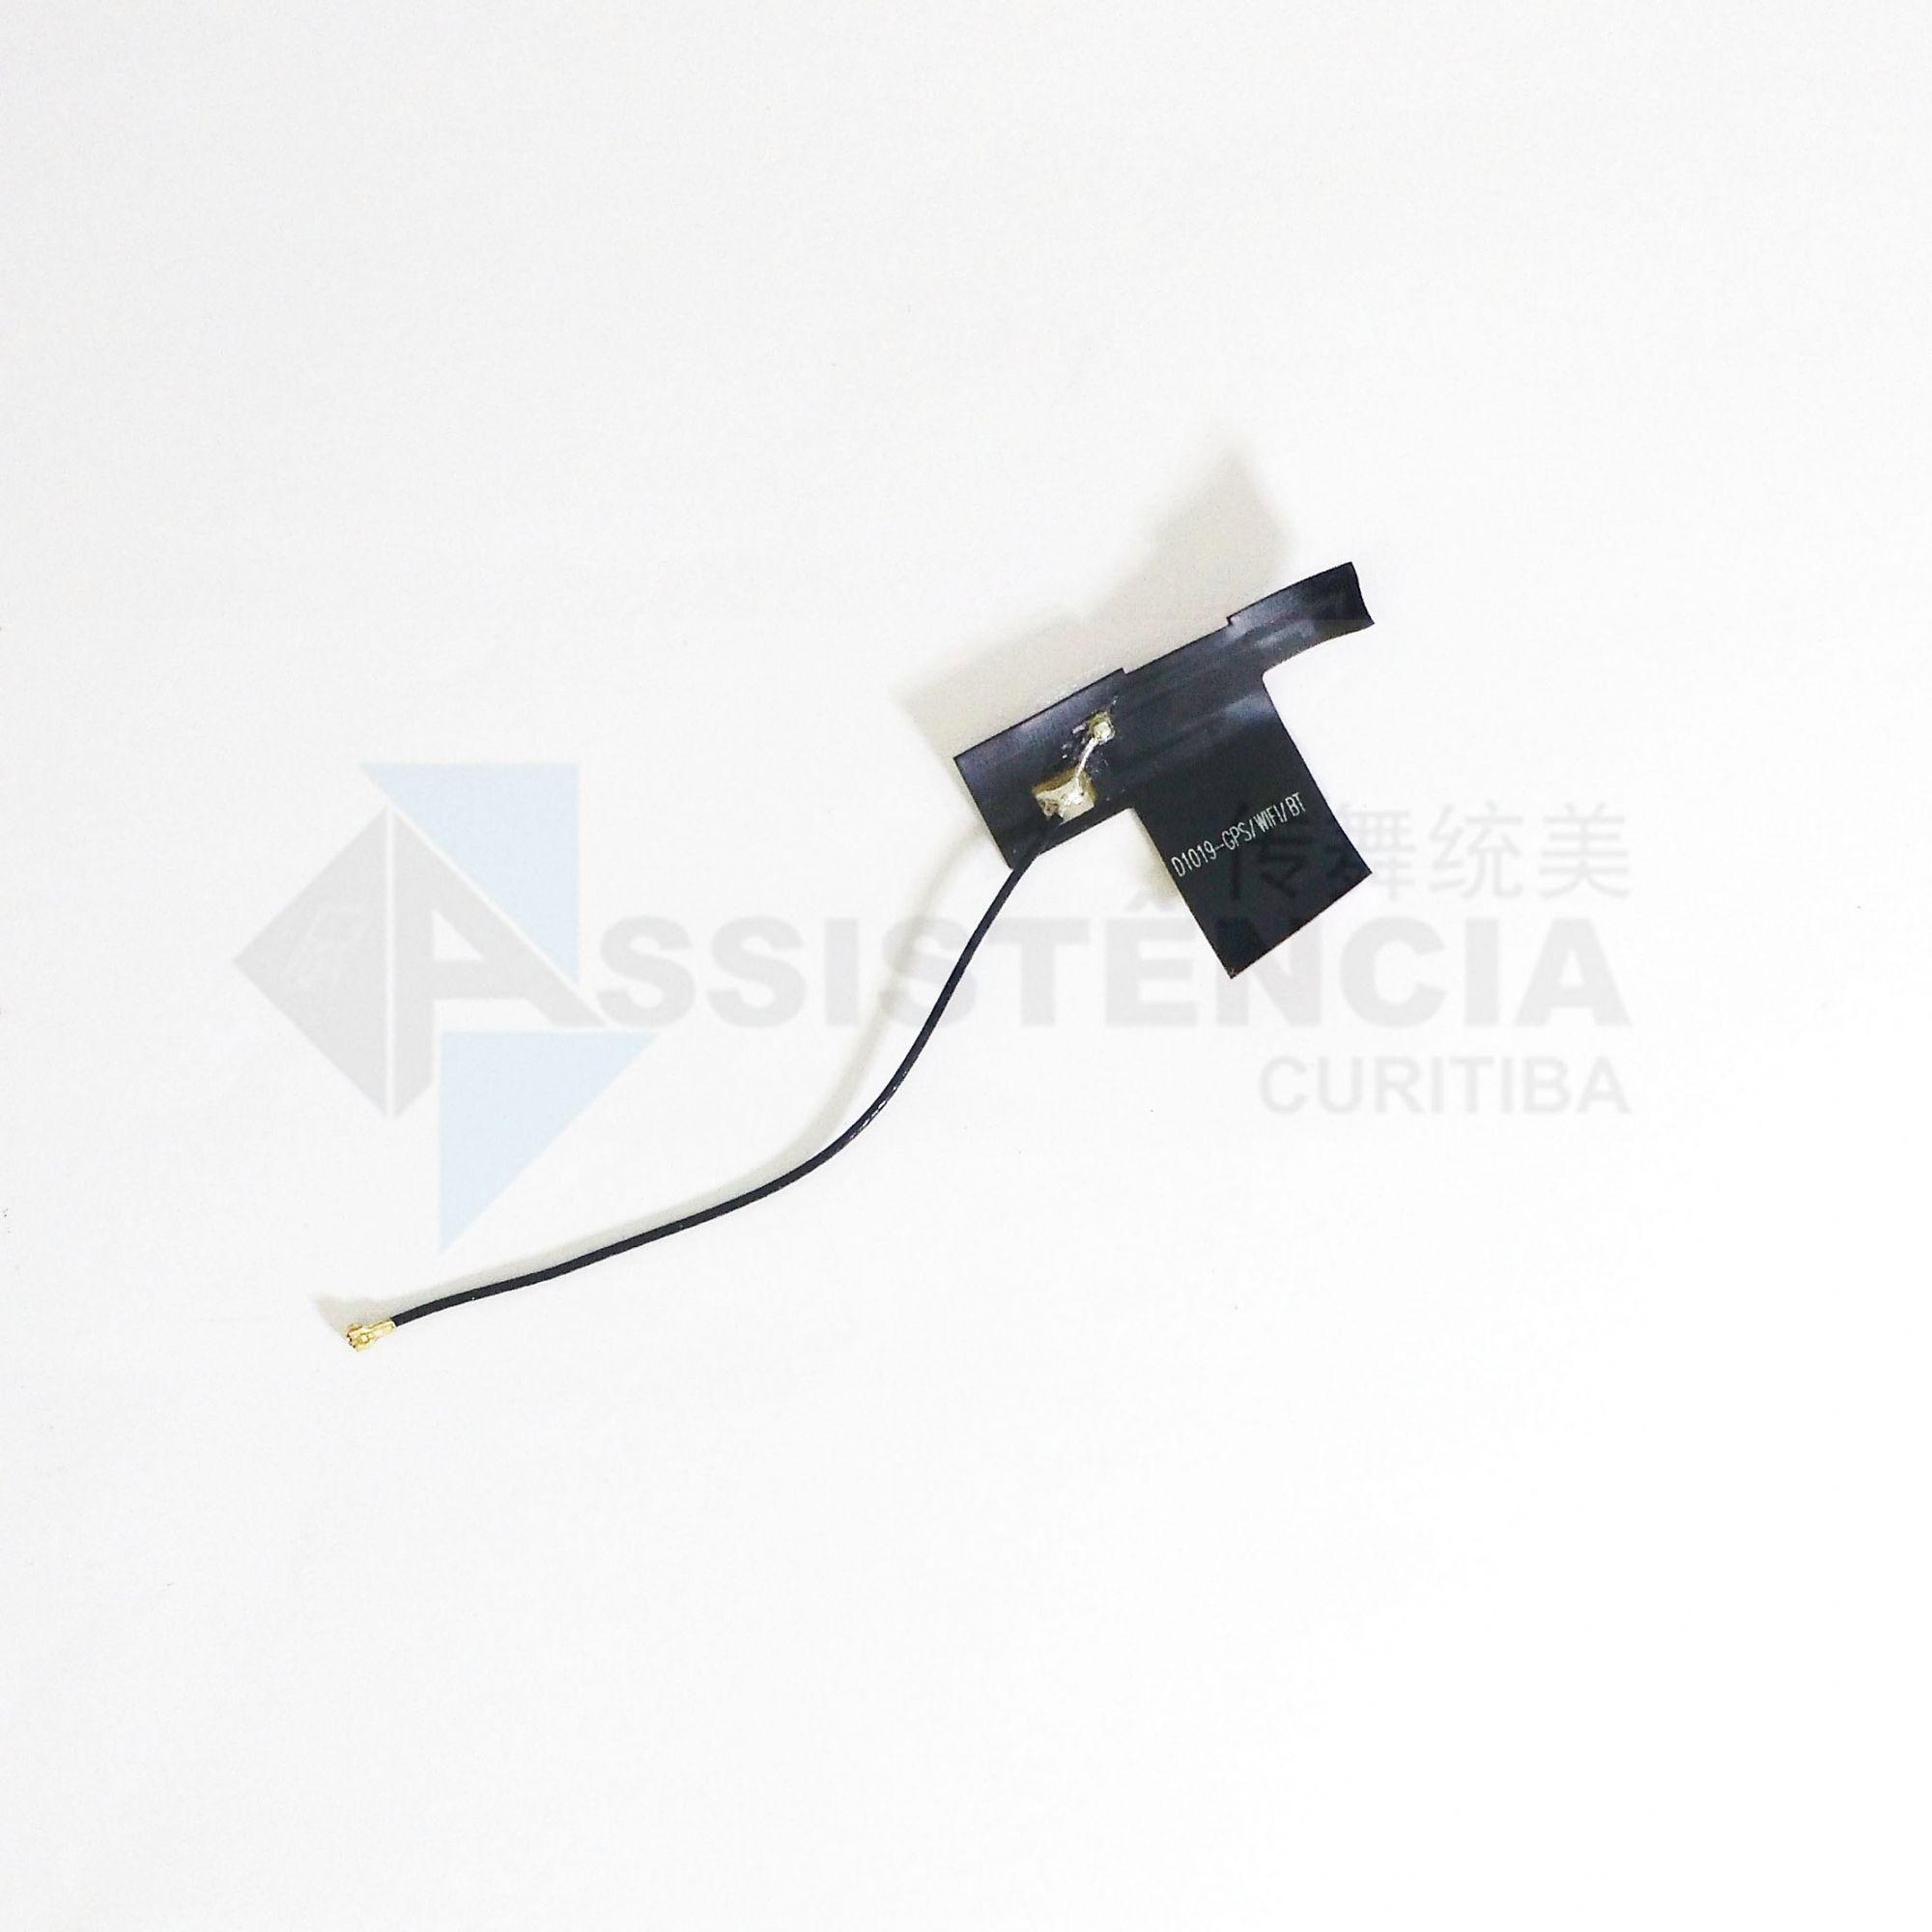 Flex Antena Gps Positivo D1019 E T1060 Seminovo